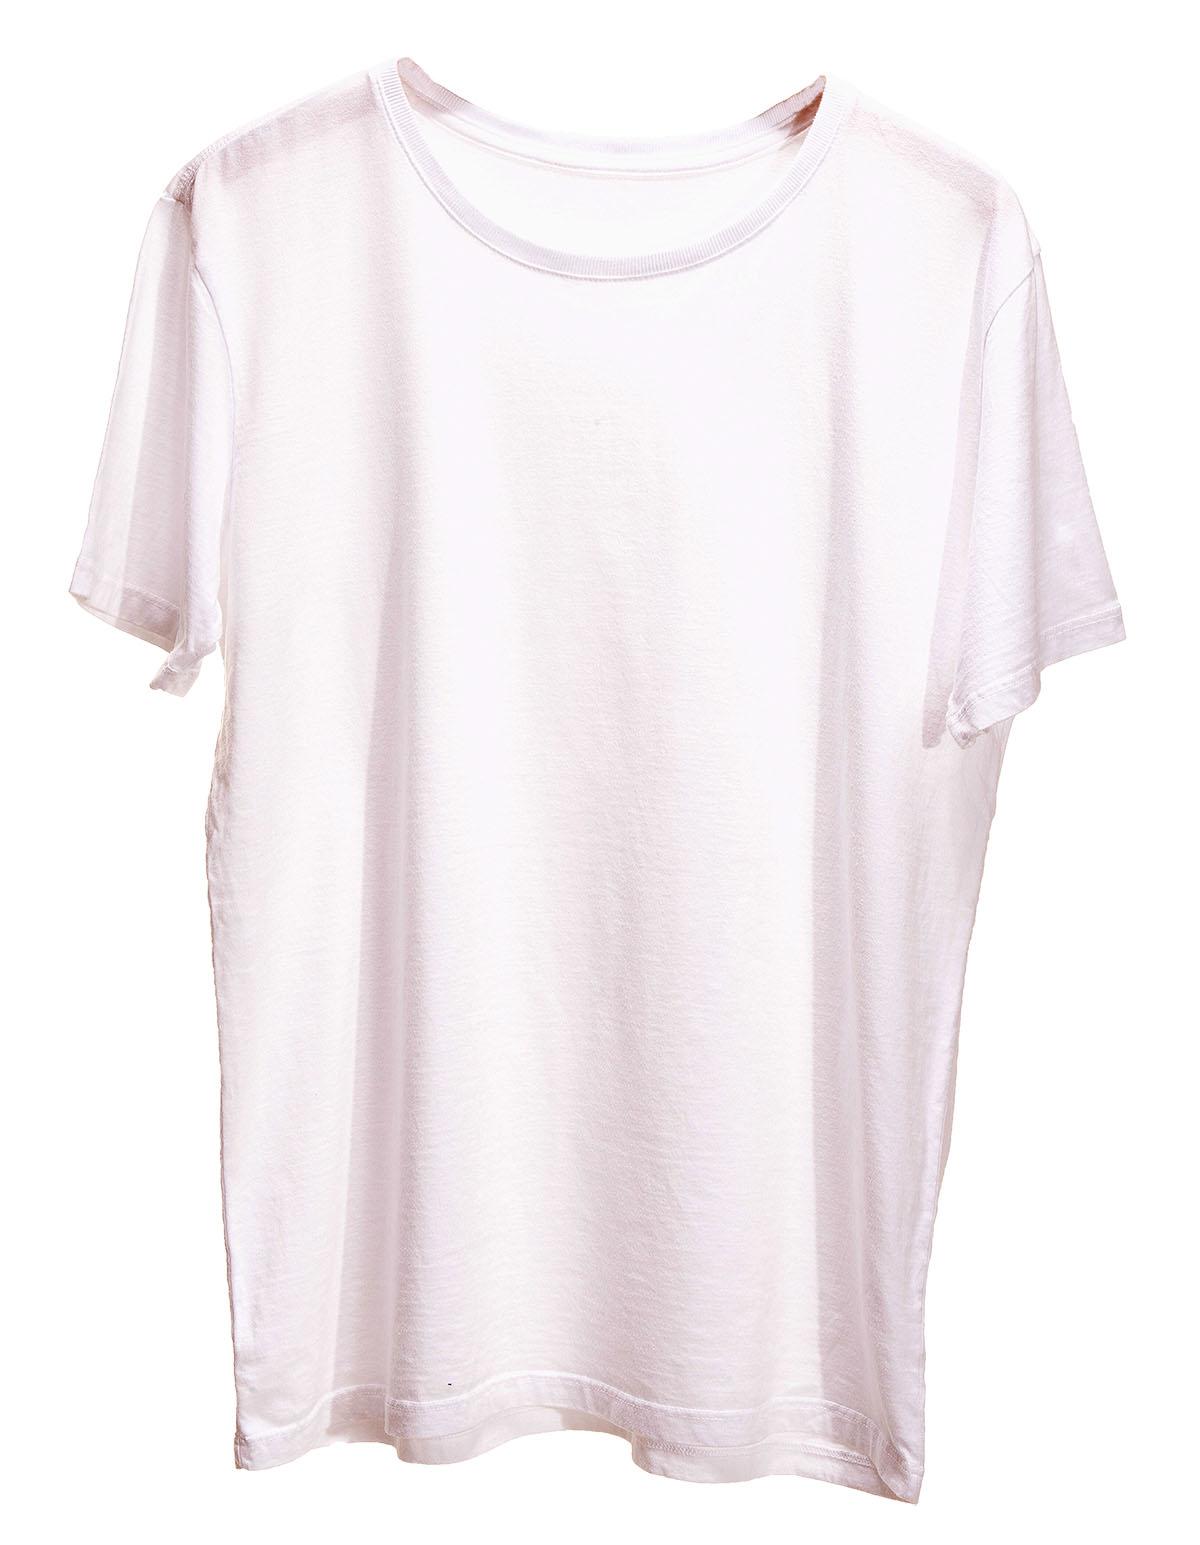 camiseta branca premium